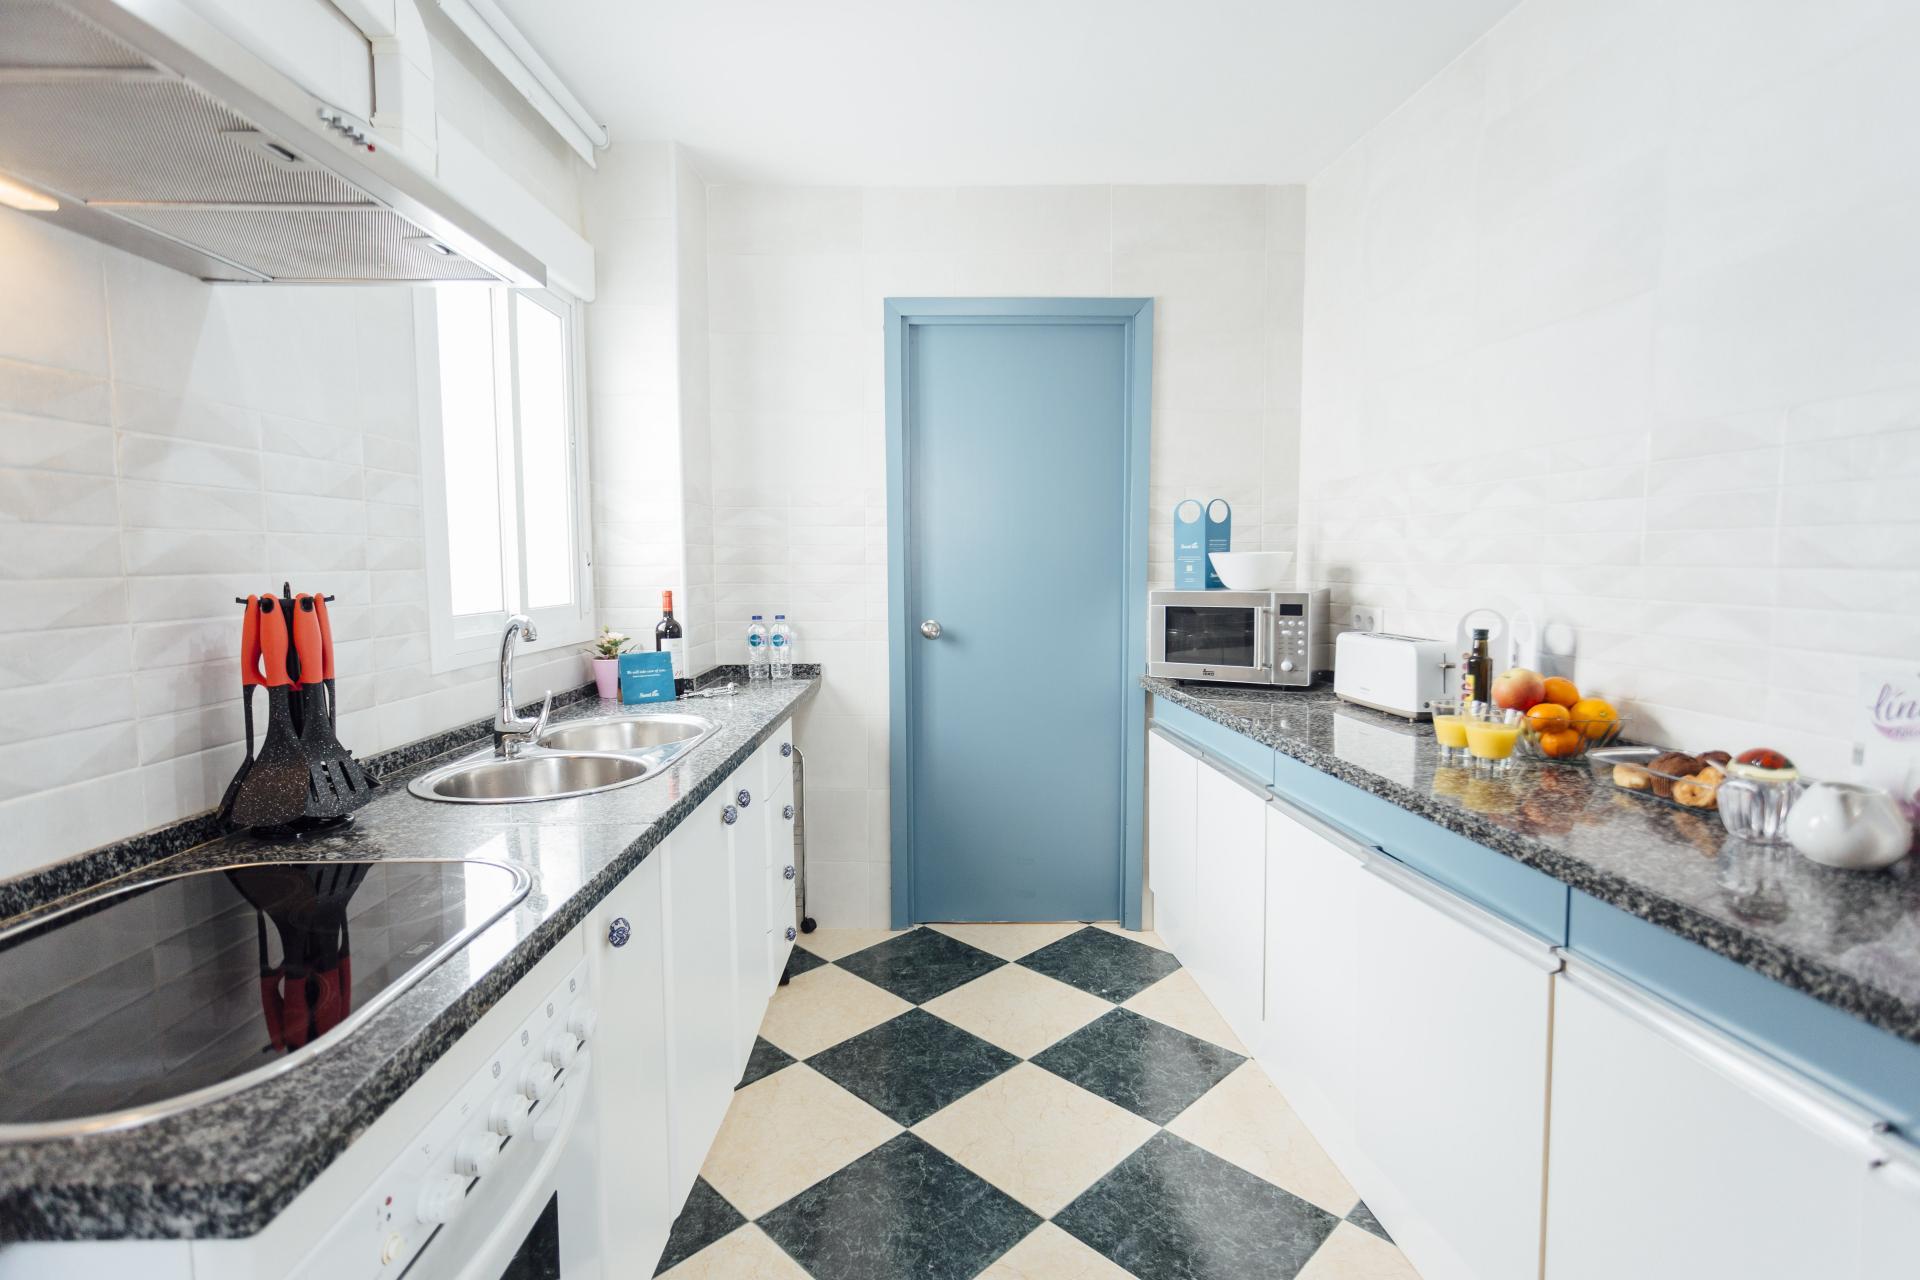 Kitchen at Plaza de Zurradores Apartment